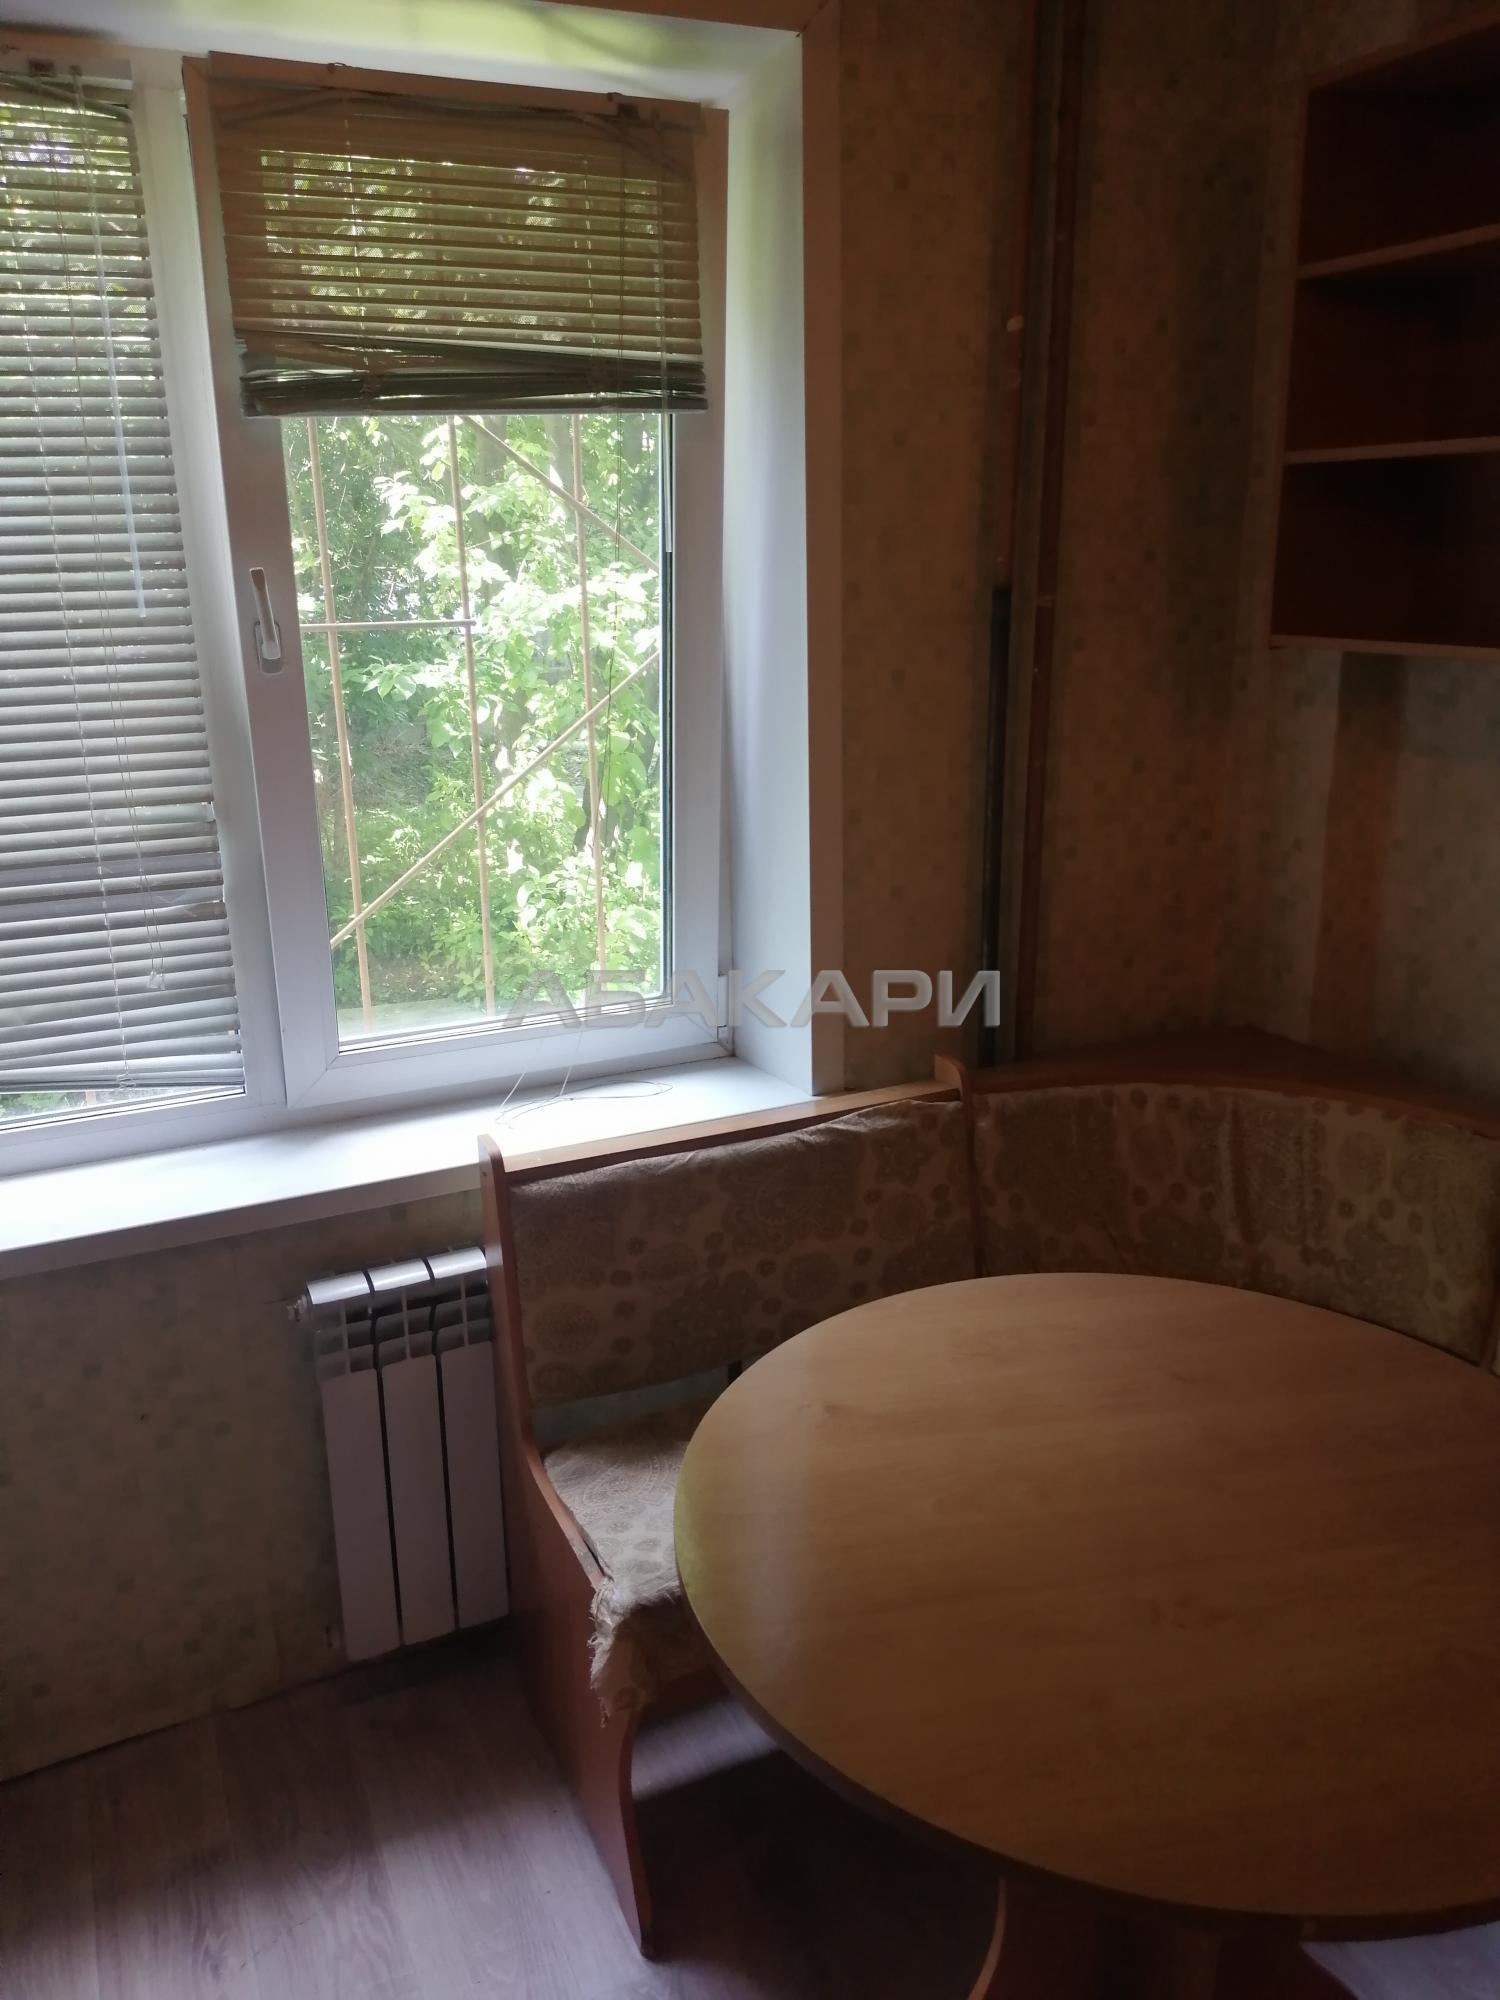 1к квартира улица Корнеева, 48 | 15000 | аренда в Красноярске фото 6